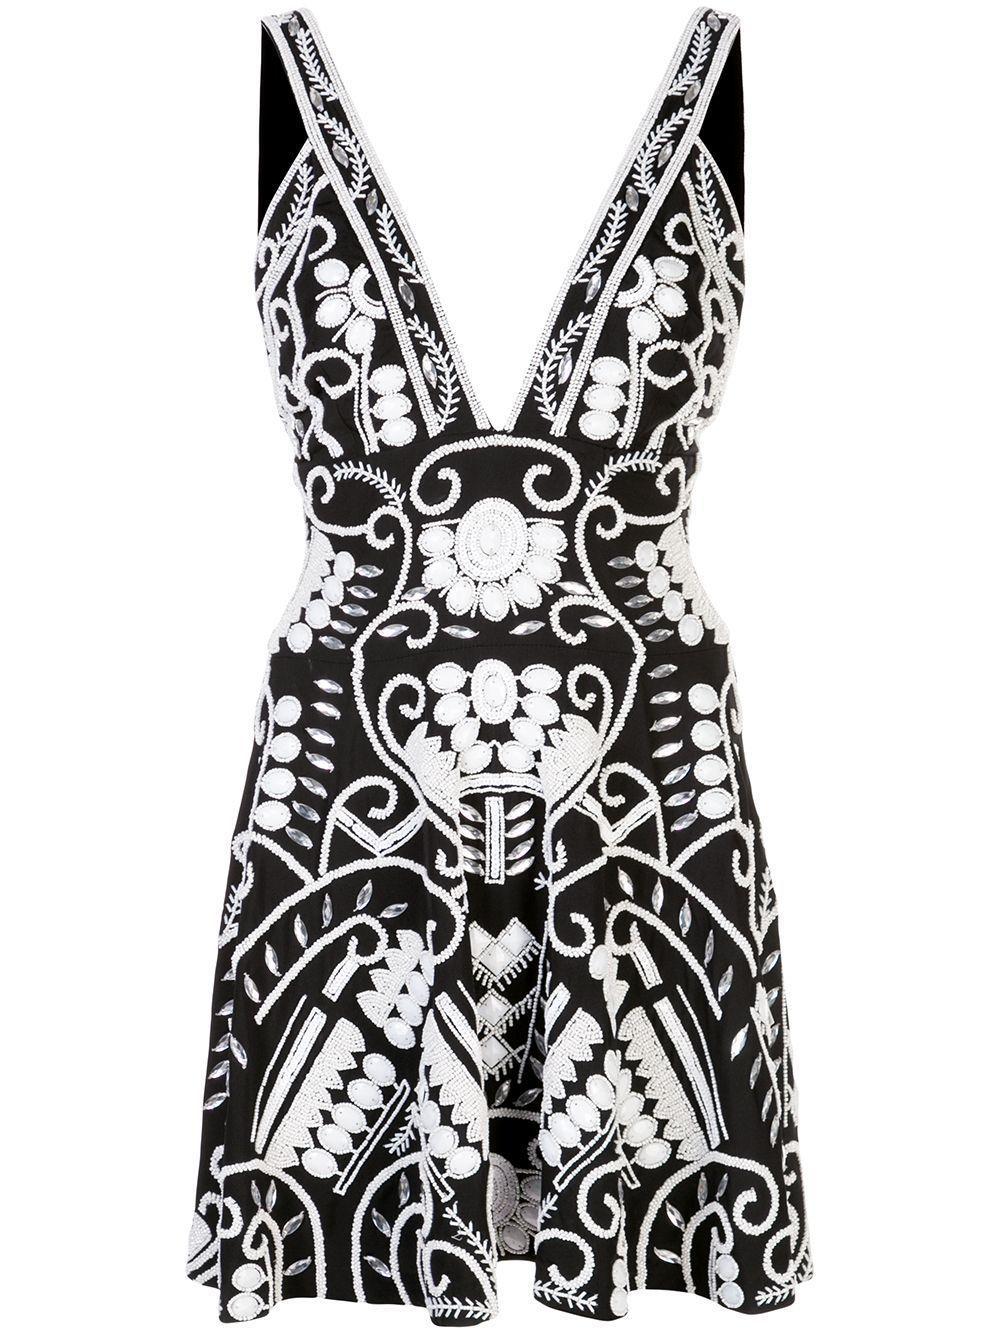 Jerza Sleeveless V Neck Embroidered Dress Item # A1200324-6116